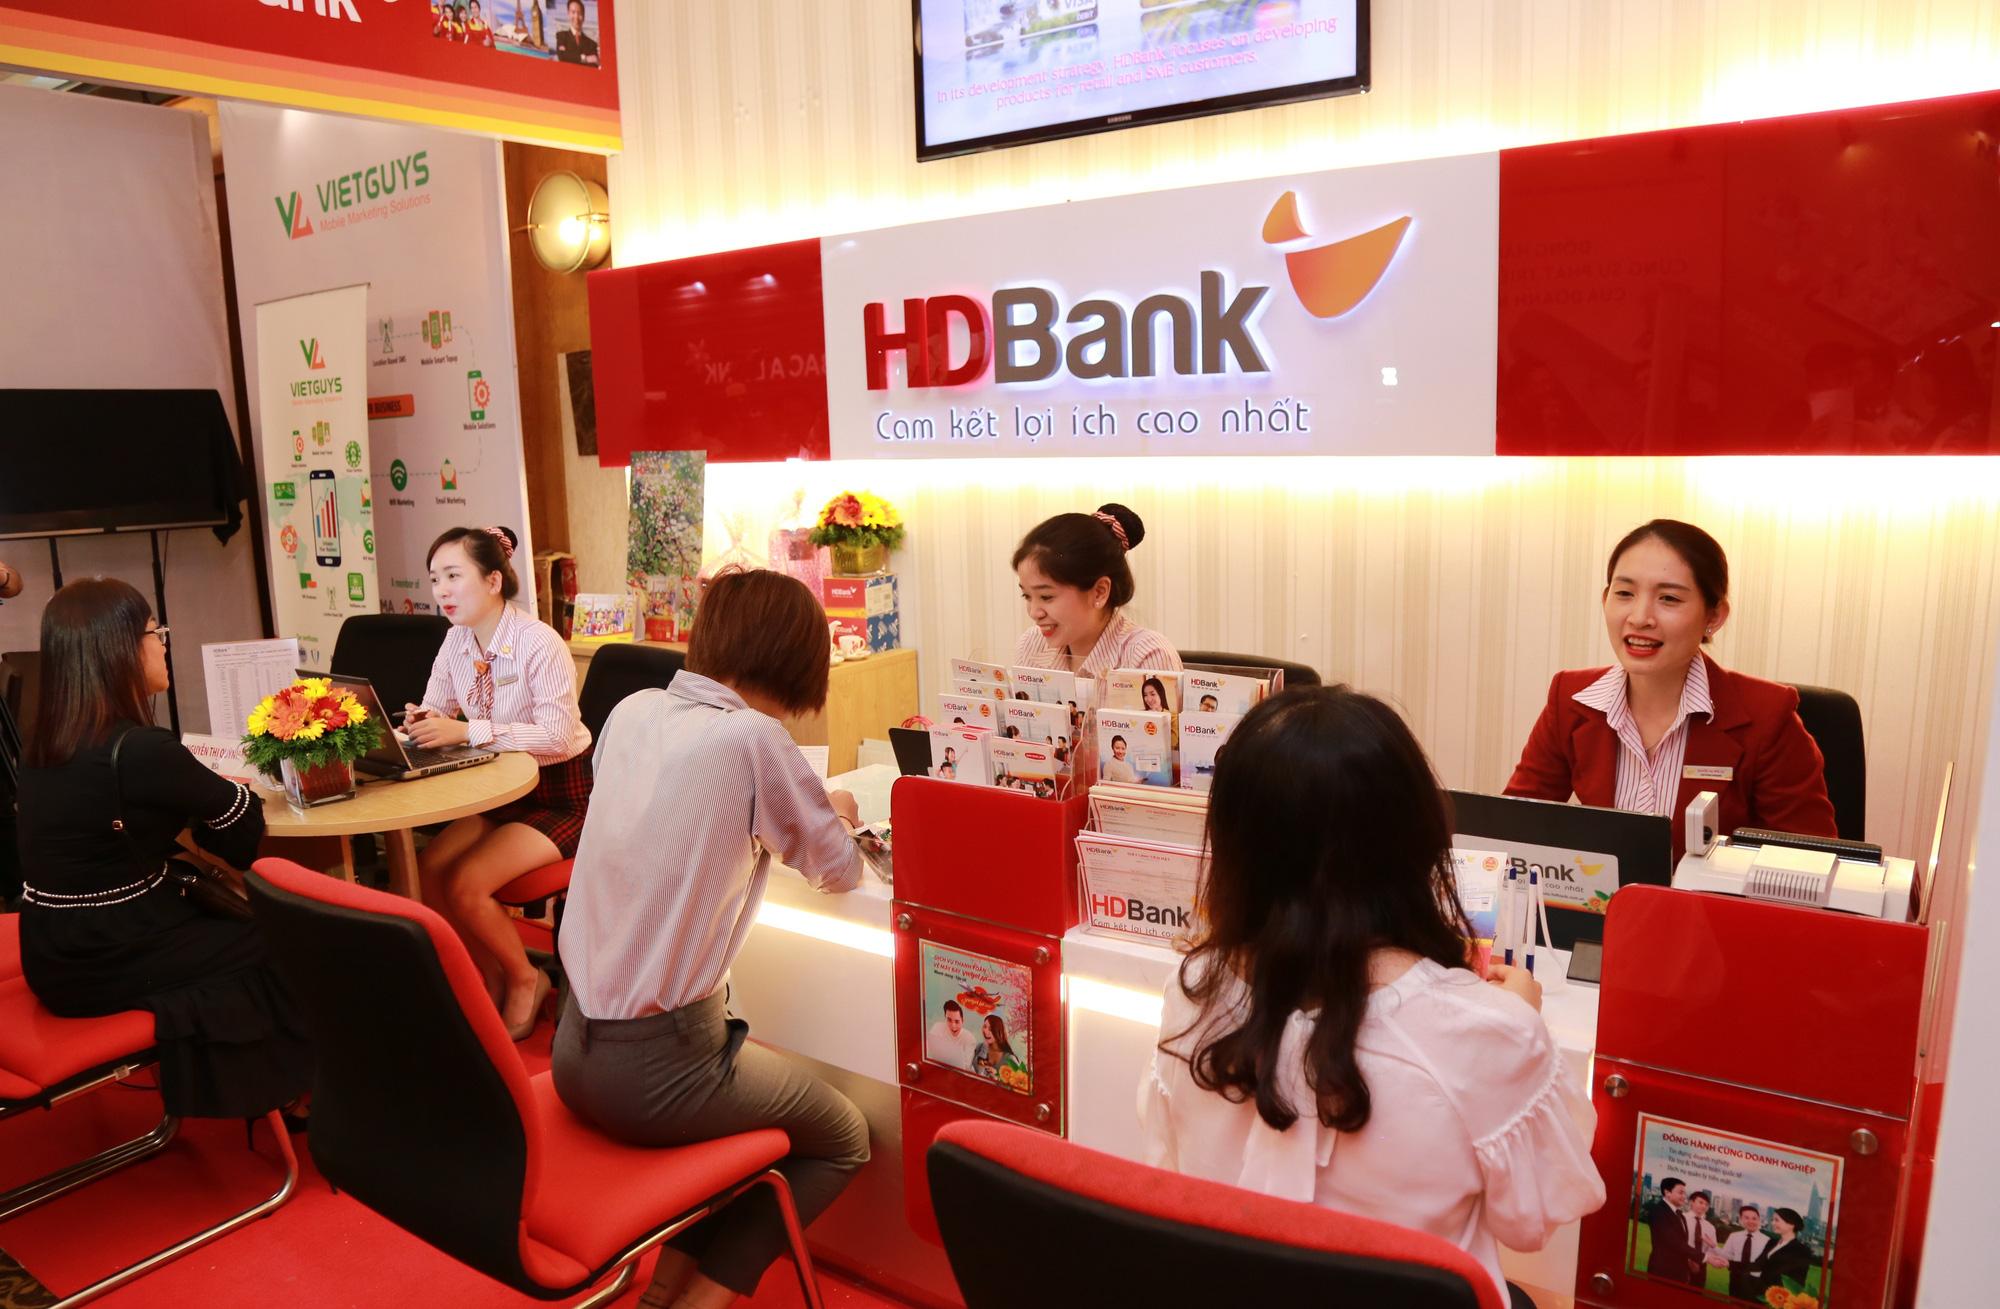 HDBank chuẩn bị phát hành cổ phiếu để chia cổ tức và thưởng, tỉ lệ 30% - Ảnh 1.